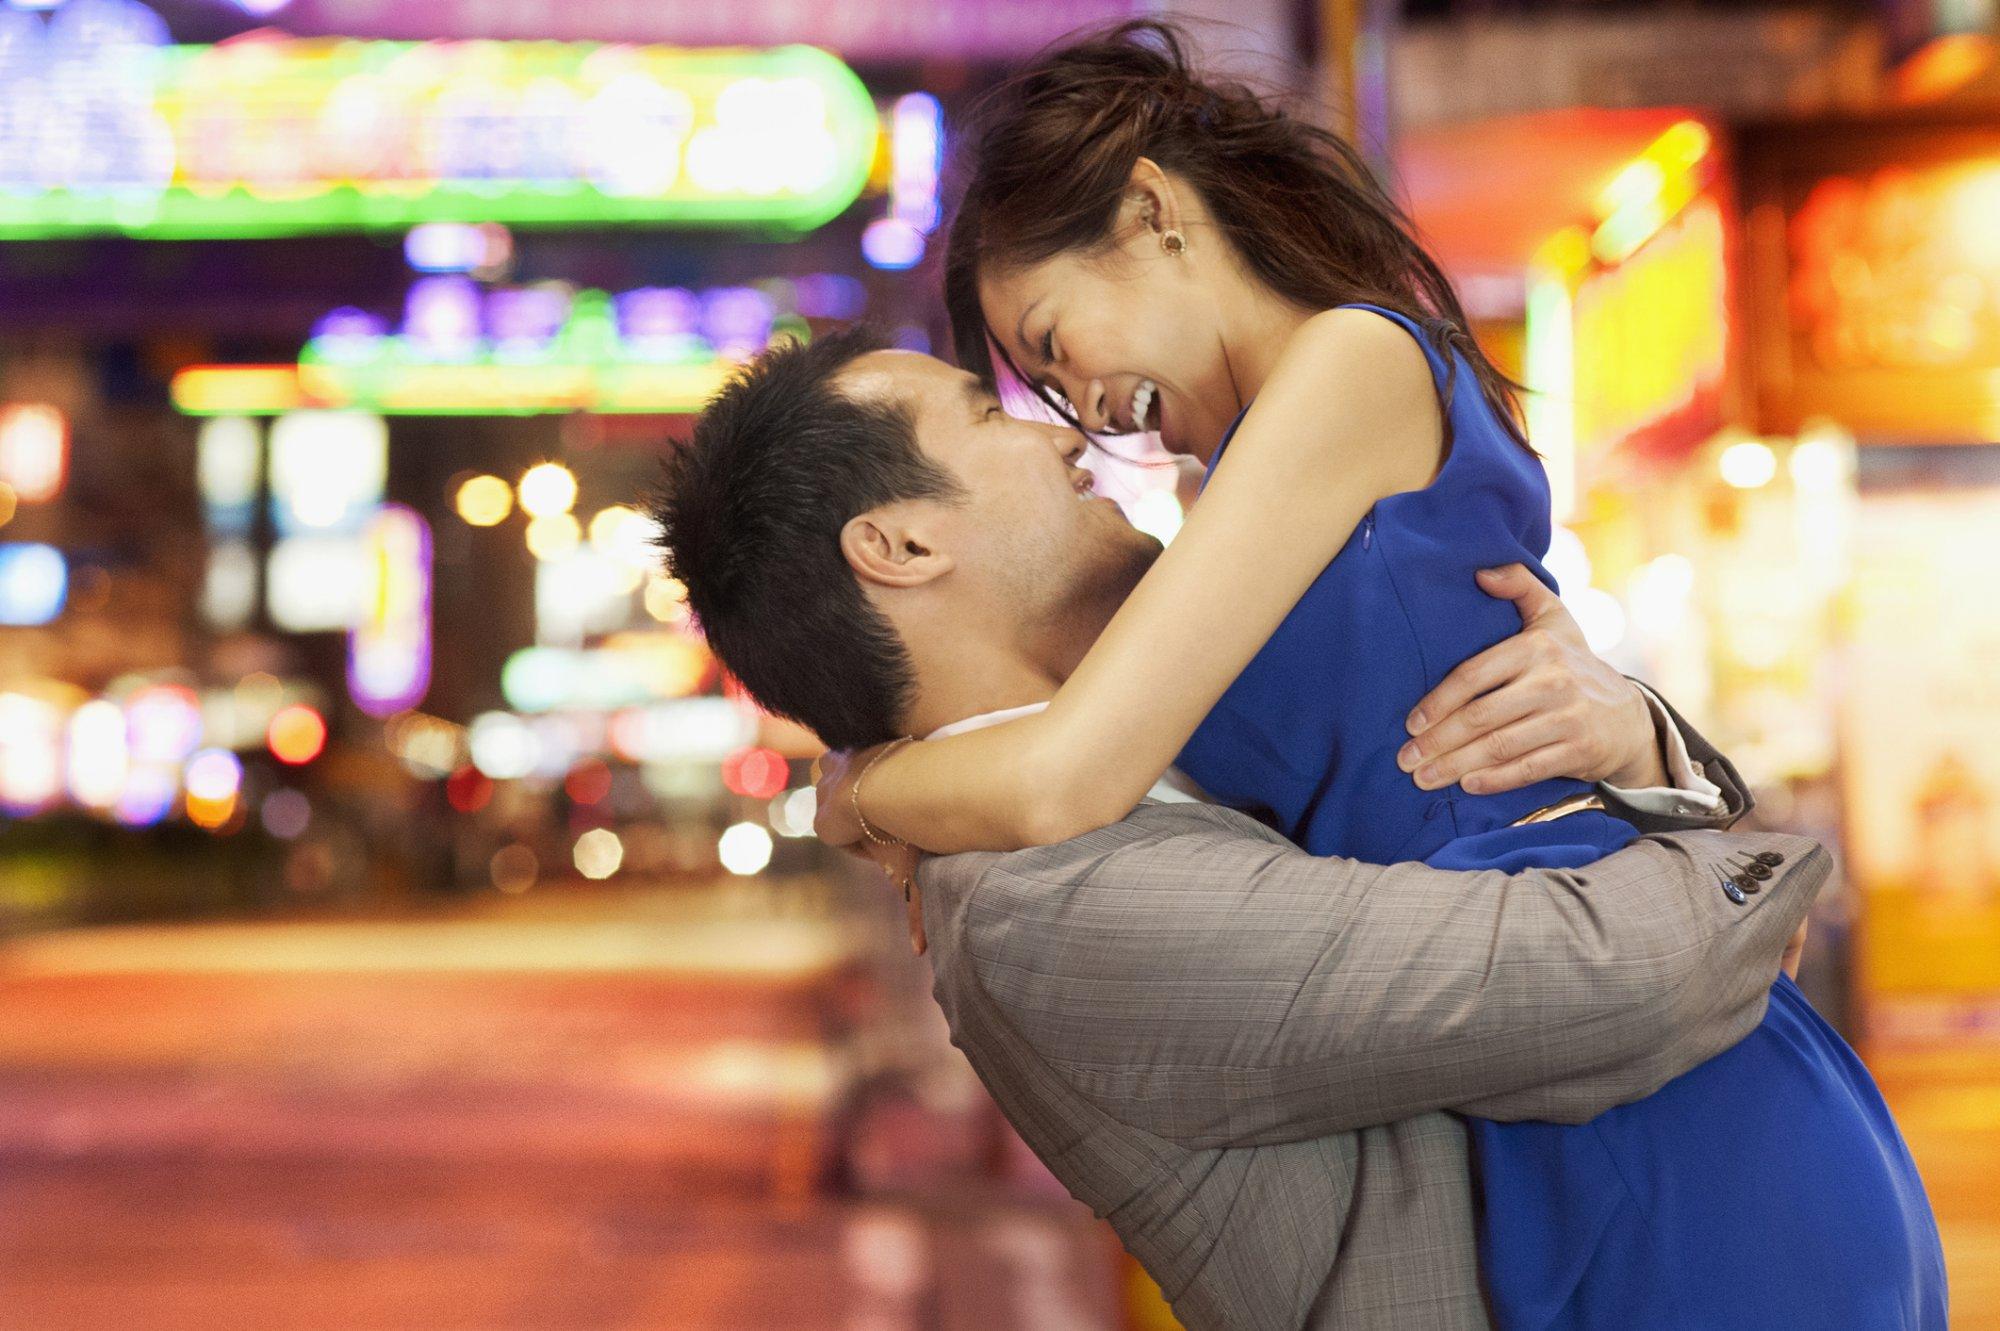 Beste dating websites beoordelingen UK